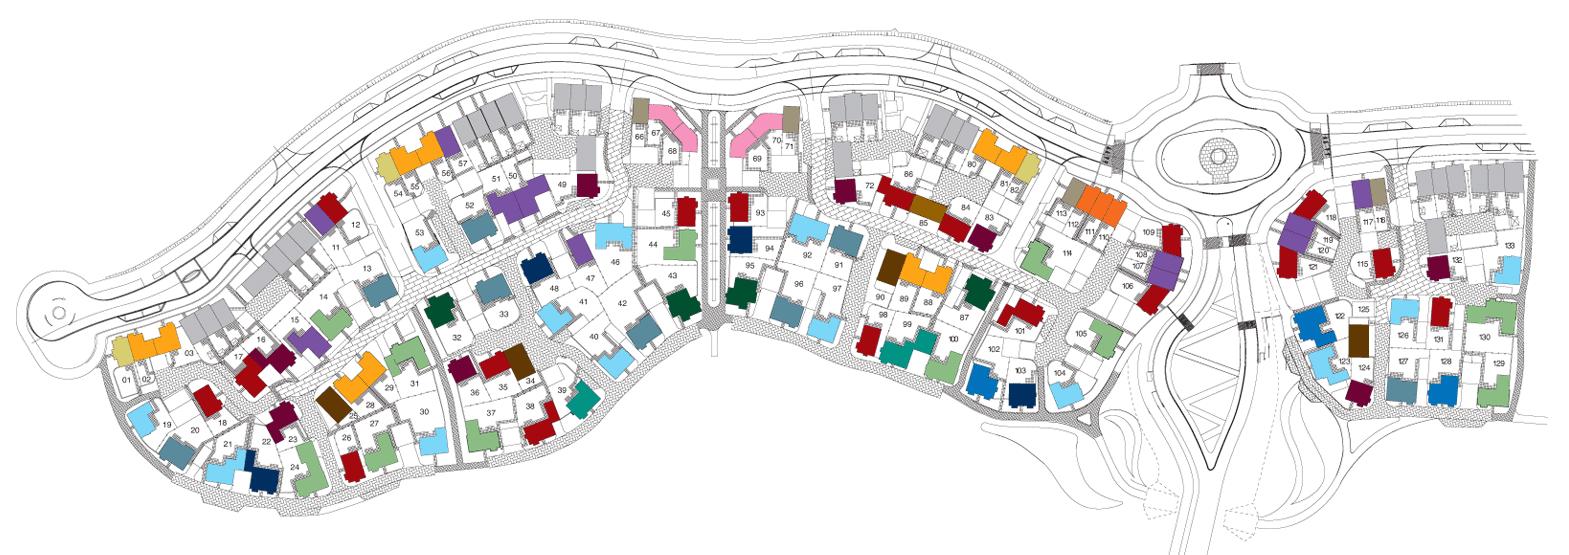 Stour Meadows plan